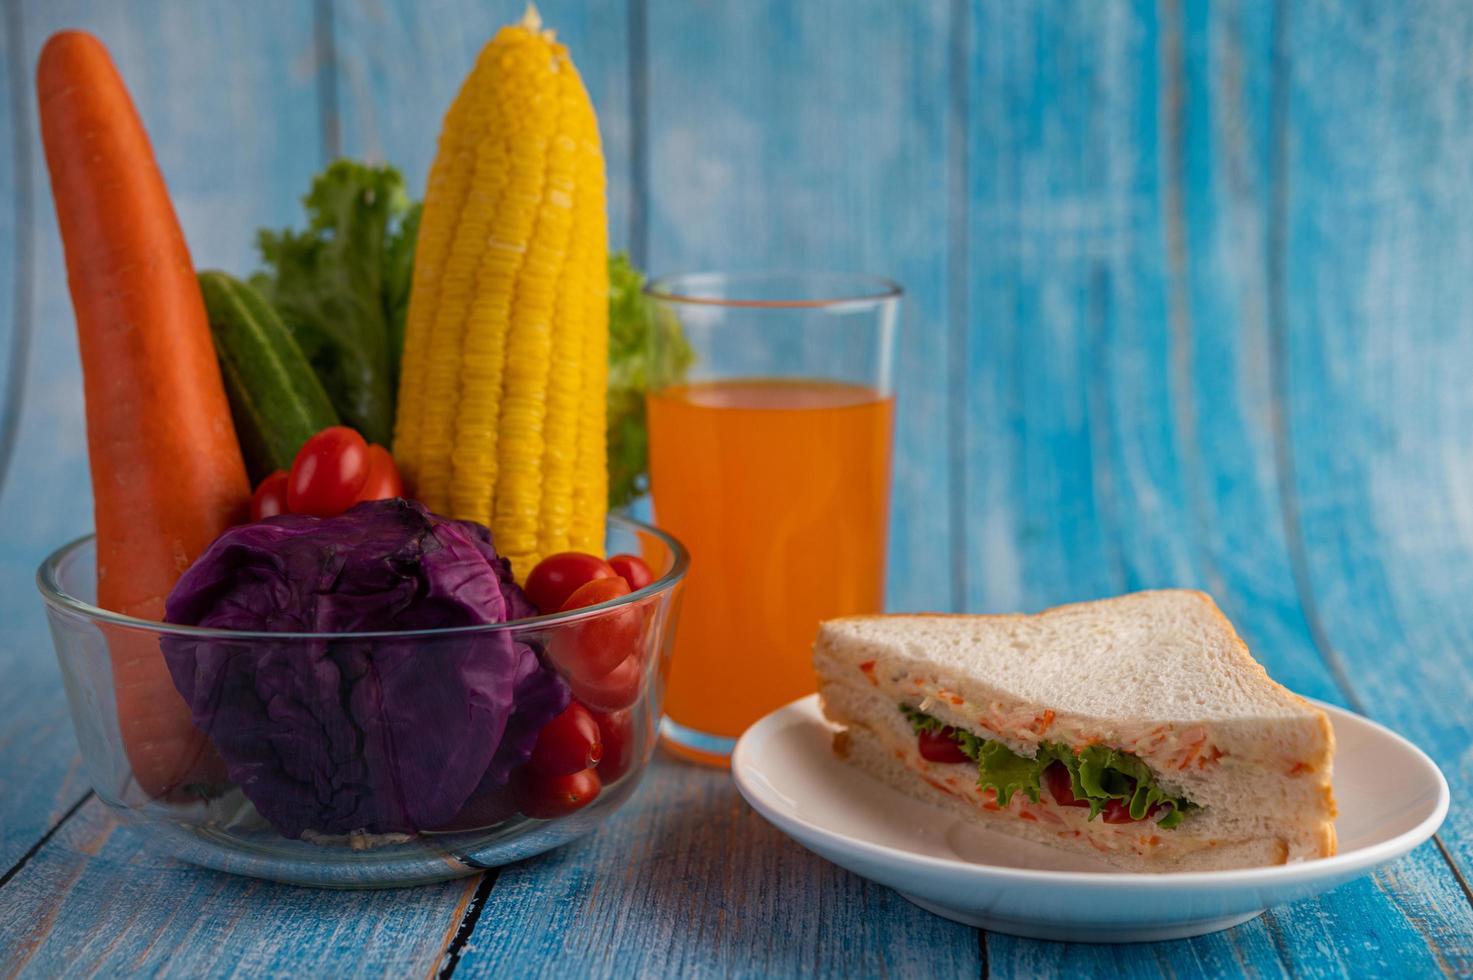 Orangensaft, Sandwich und Gemüse foto